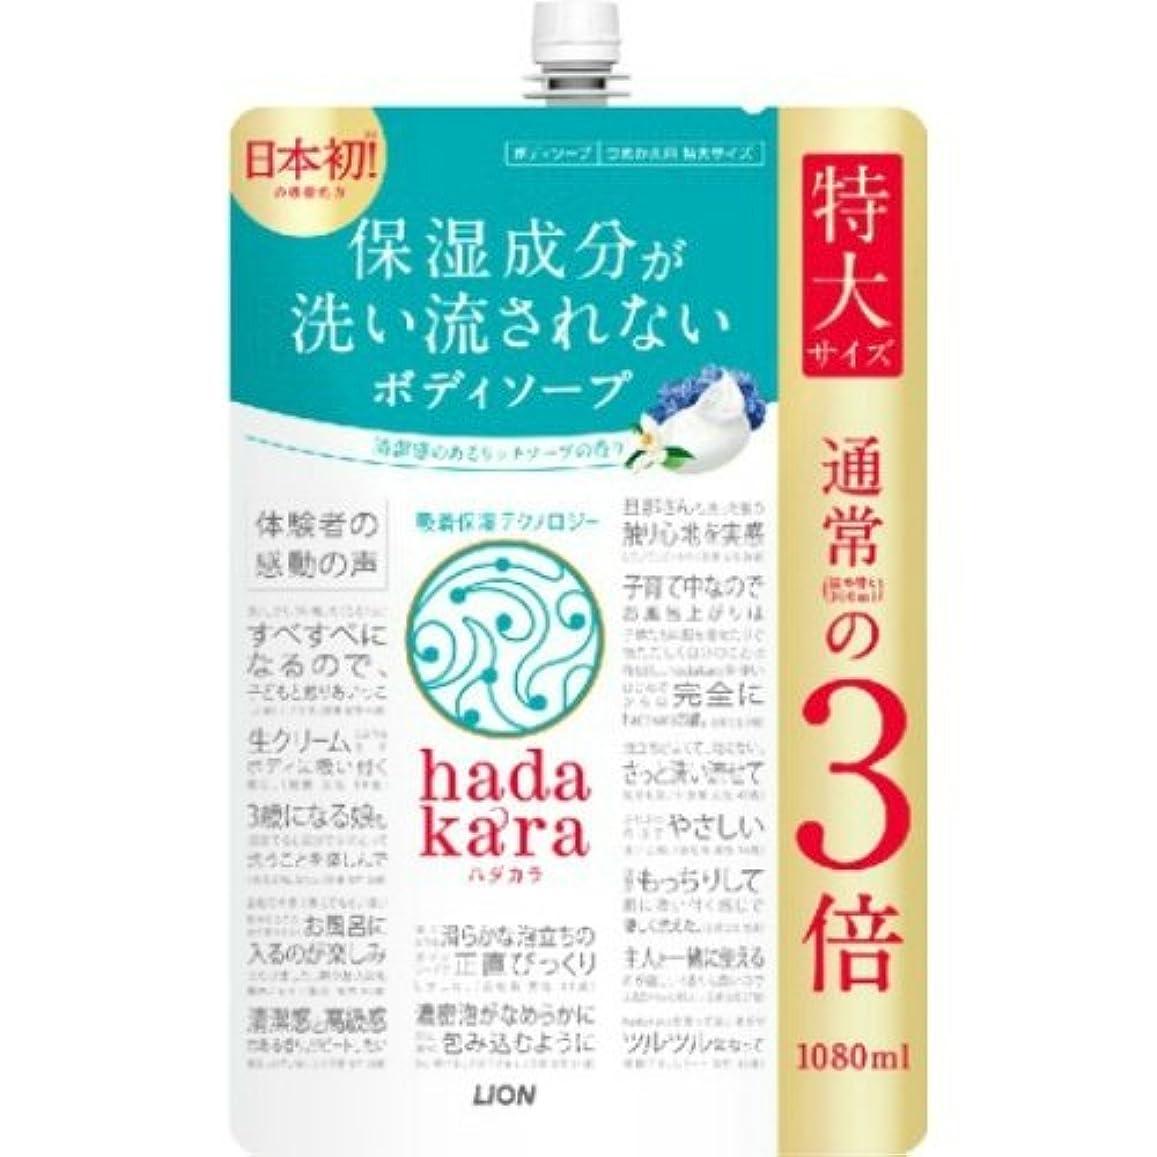 そしてめまいが協会LION ライオン hadakara ハダカラ ボディソープ リッチソープの香り つめかえ用 特大サイズ 1080ml ×3点セット(4903301260882)